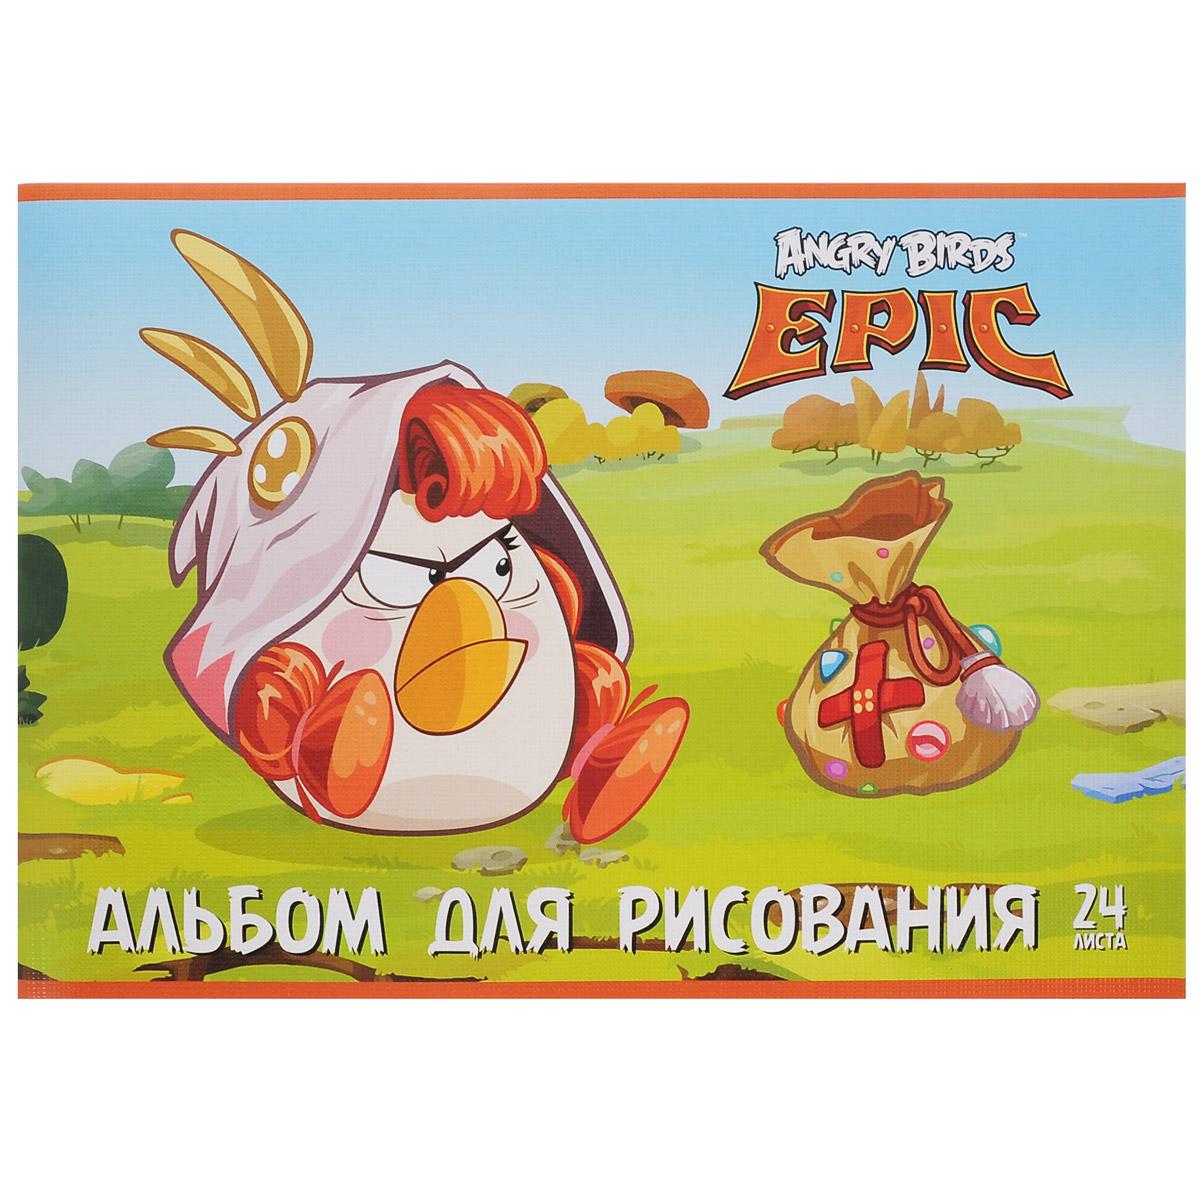 Альбом для рисования Angry Birds Epic Медик, 24 листа2010440Альбом для рисования Angry Birds с ярким изображением любимого мультипликационного героя на обложке будет радовать и вдохновлять юных художников на творческий процесс. Бумага альбома отличается высокой прочностью. Обложка выполнена из картона с тиснением. Крепление - скрепки. Рисование позволяет развивать творческие способности, кроме того, это увлекательный досуг.Рекомендуемый возраст: 6+.